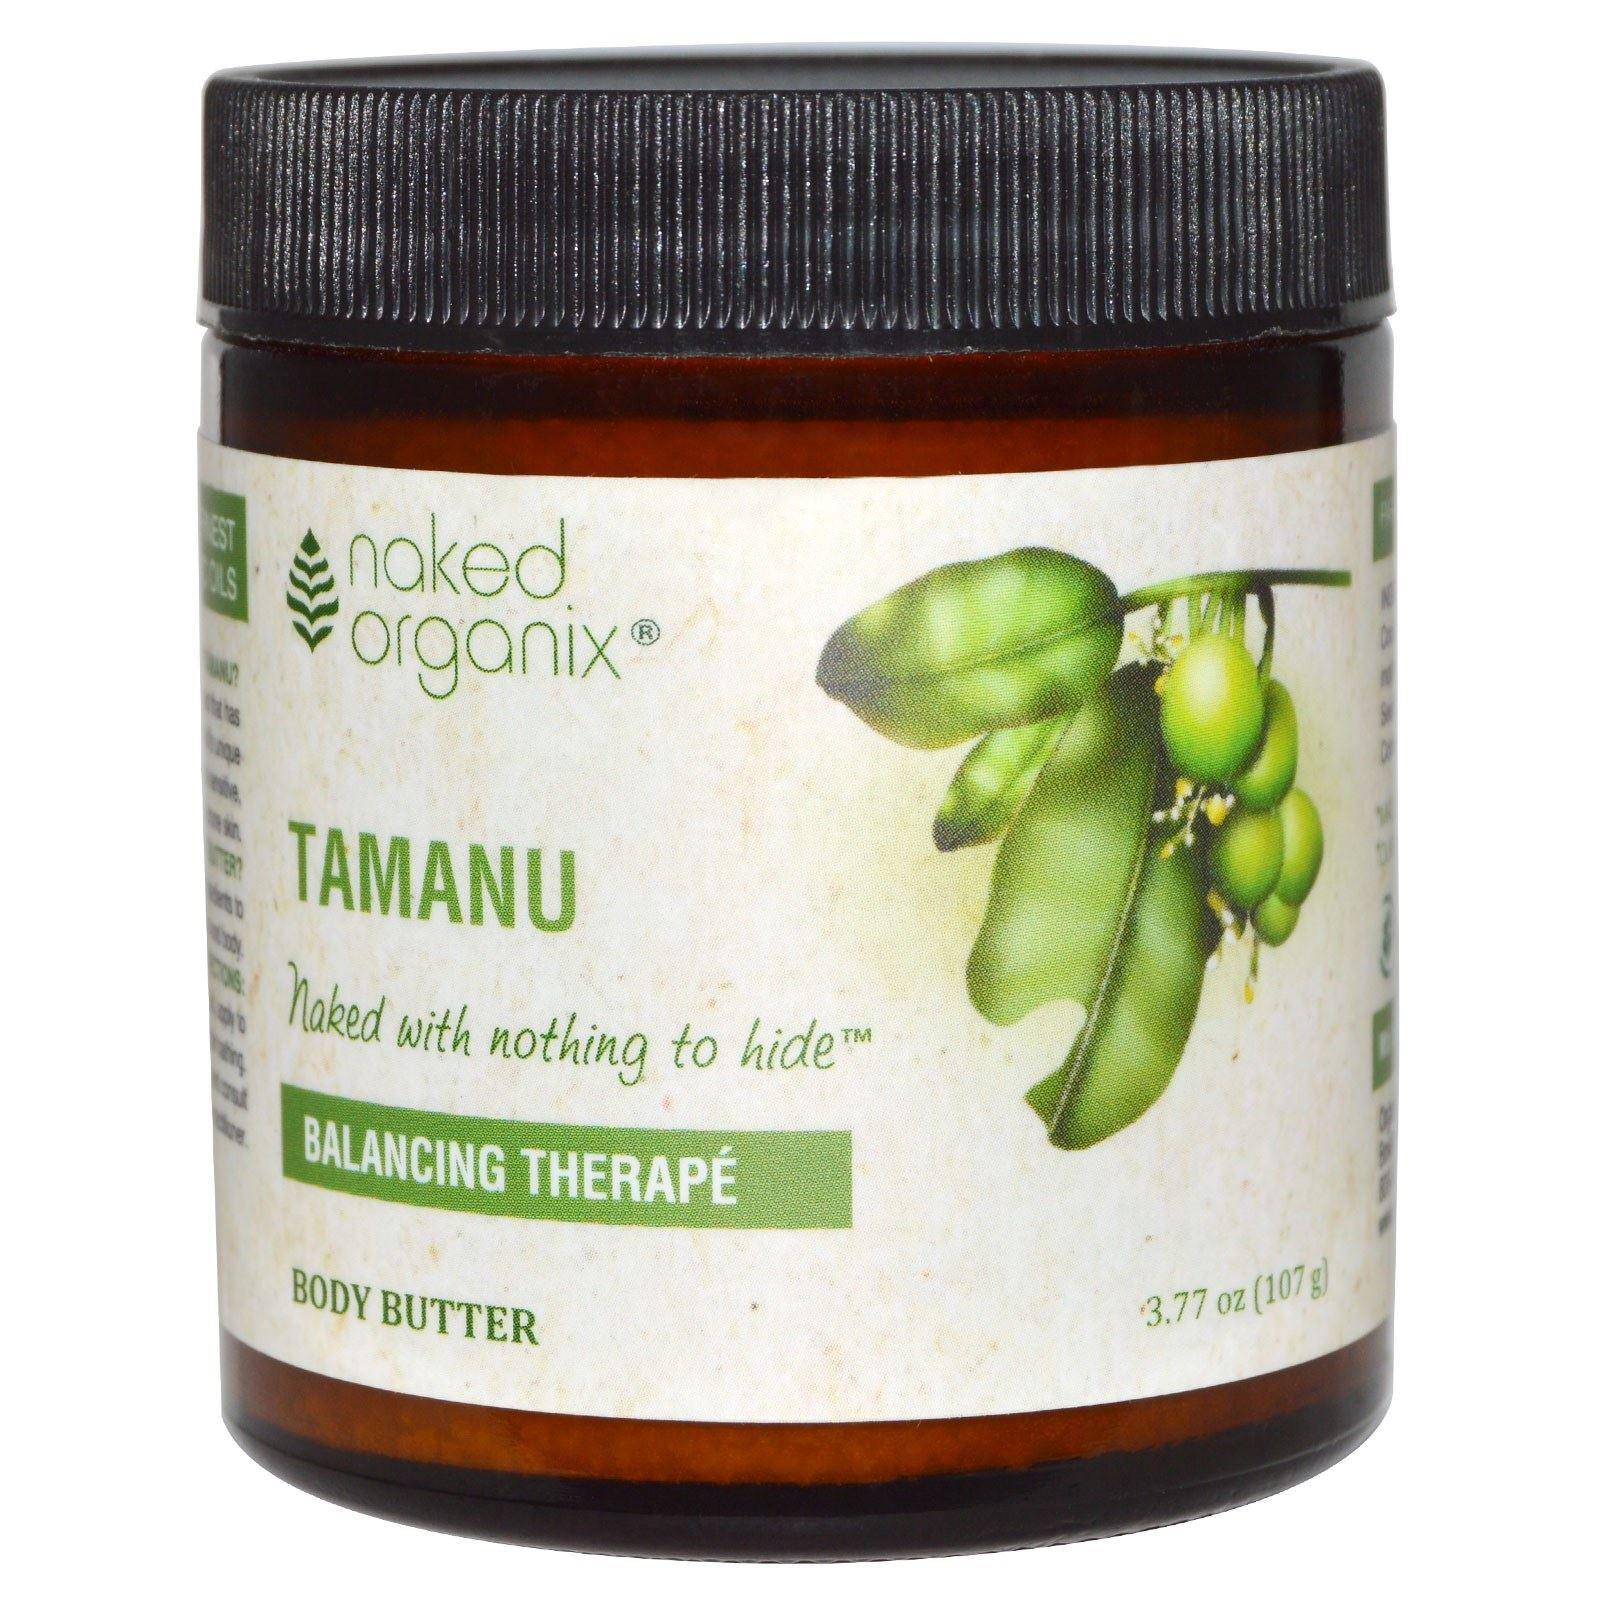 Naked Organix-Tamanu Body Butter Organix South 4 oz Cream